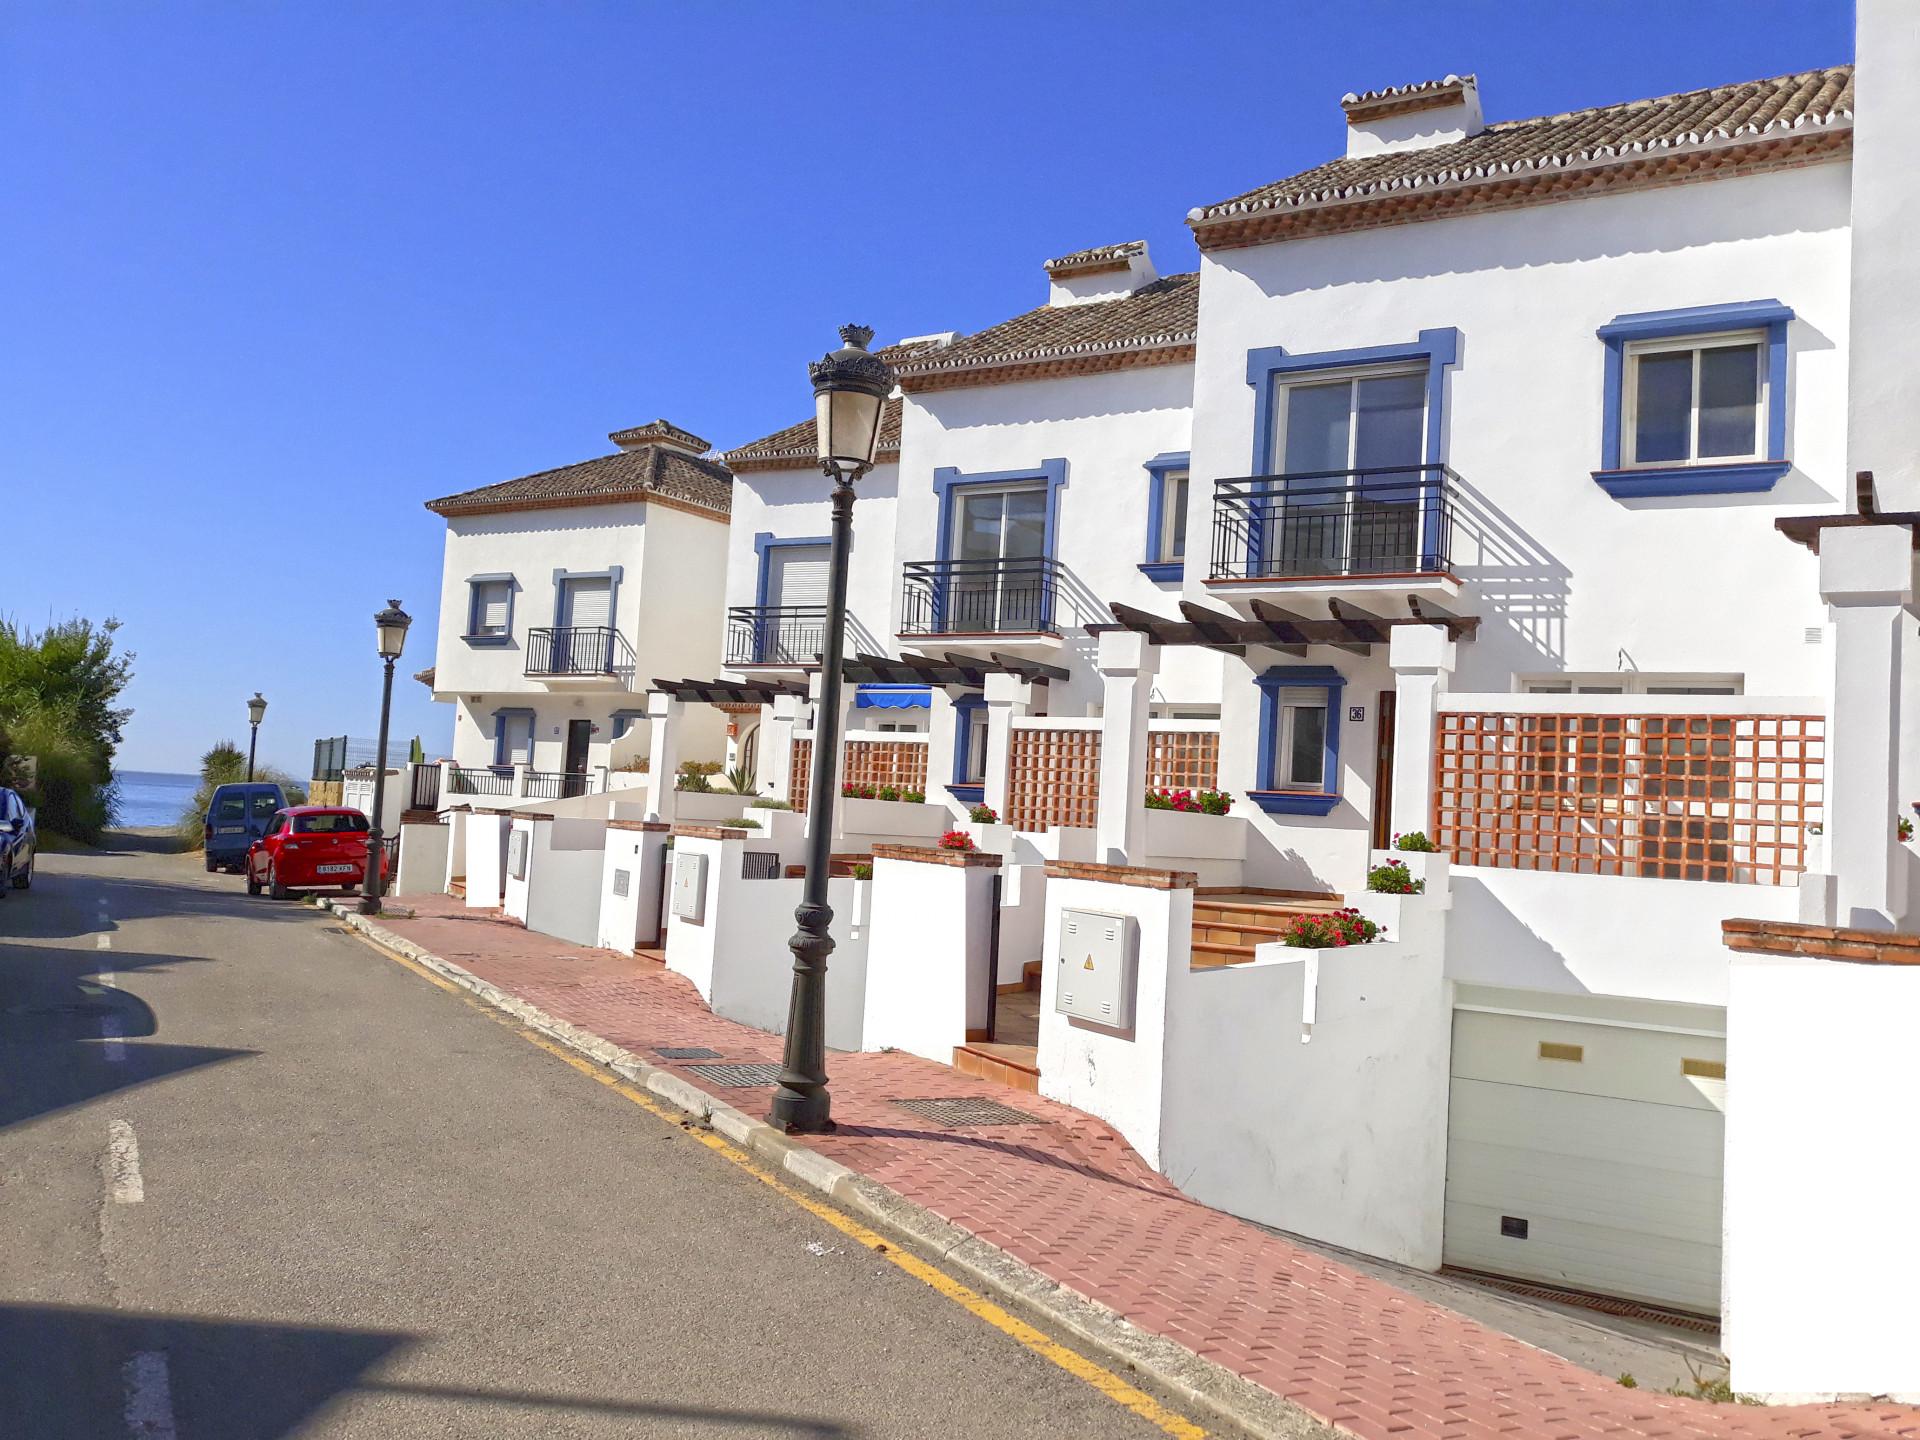 ARFTH136 - Reihenhäuser Erstbezug zu verkaufen direkt am Strand von Estepona